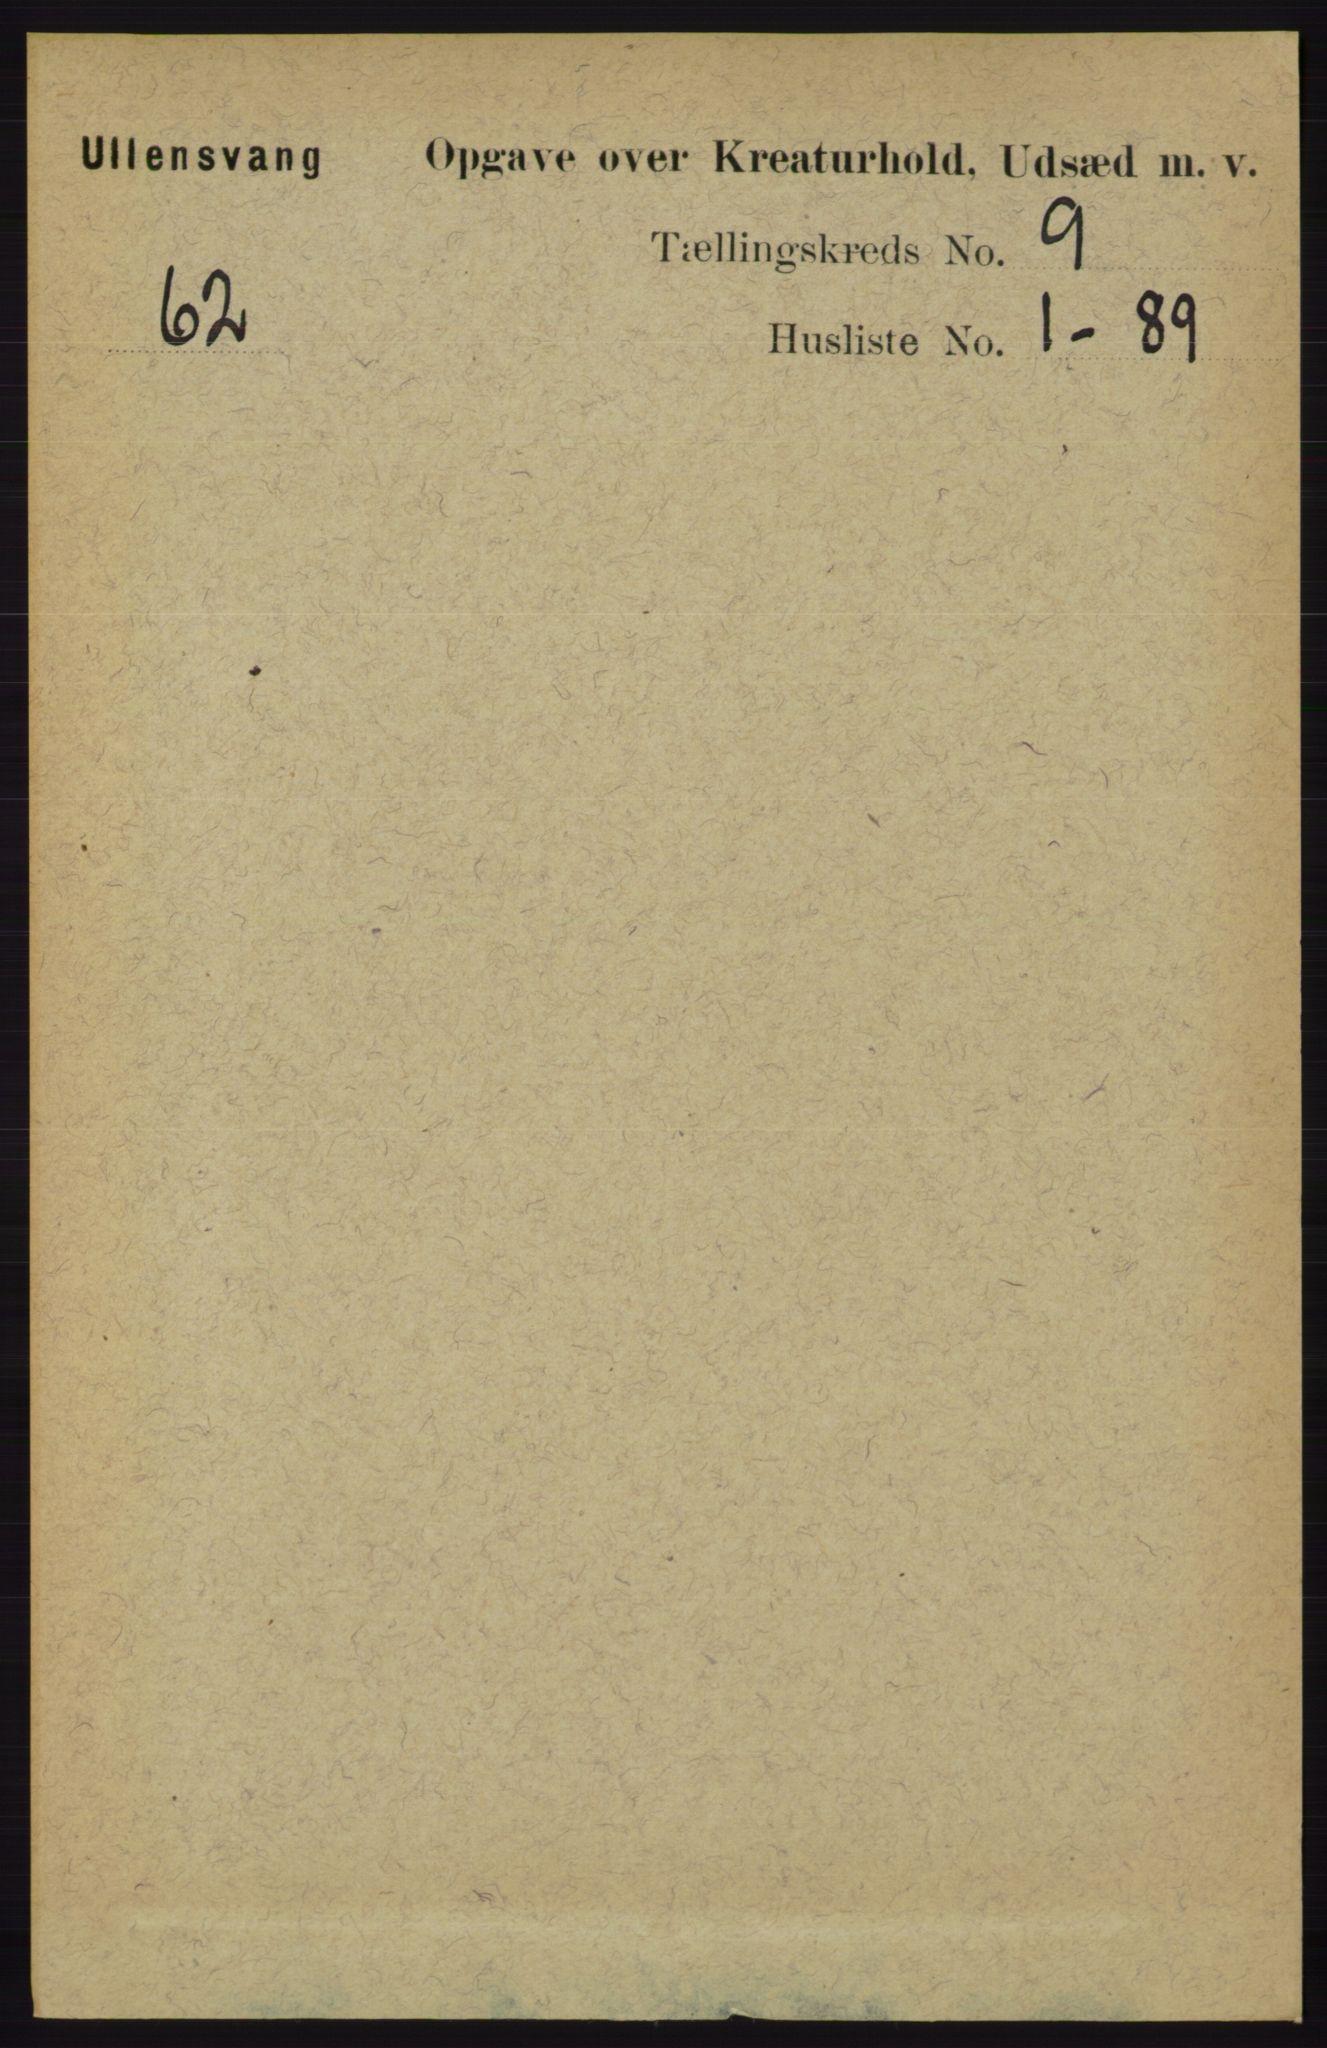 RA, Folketelling 1891 for 1230 Ullensvang herred, 1891, s. 7574